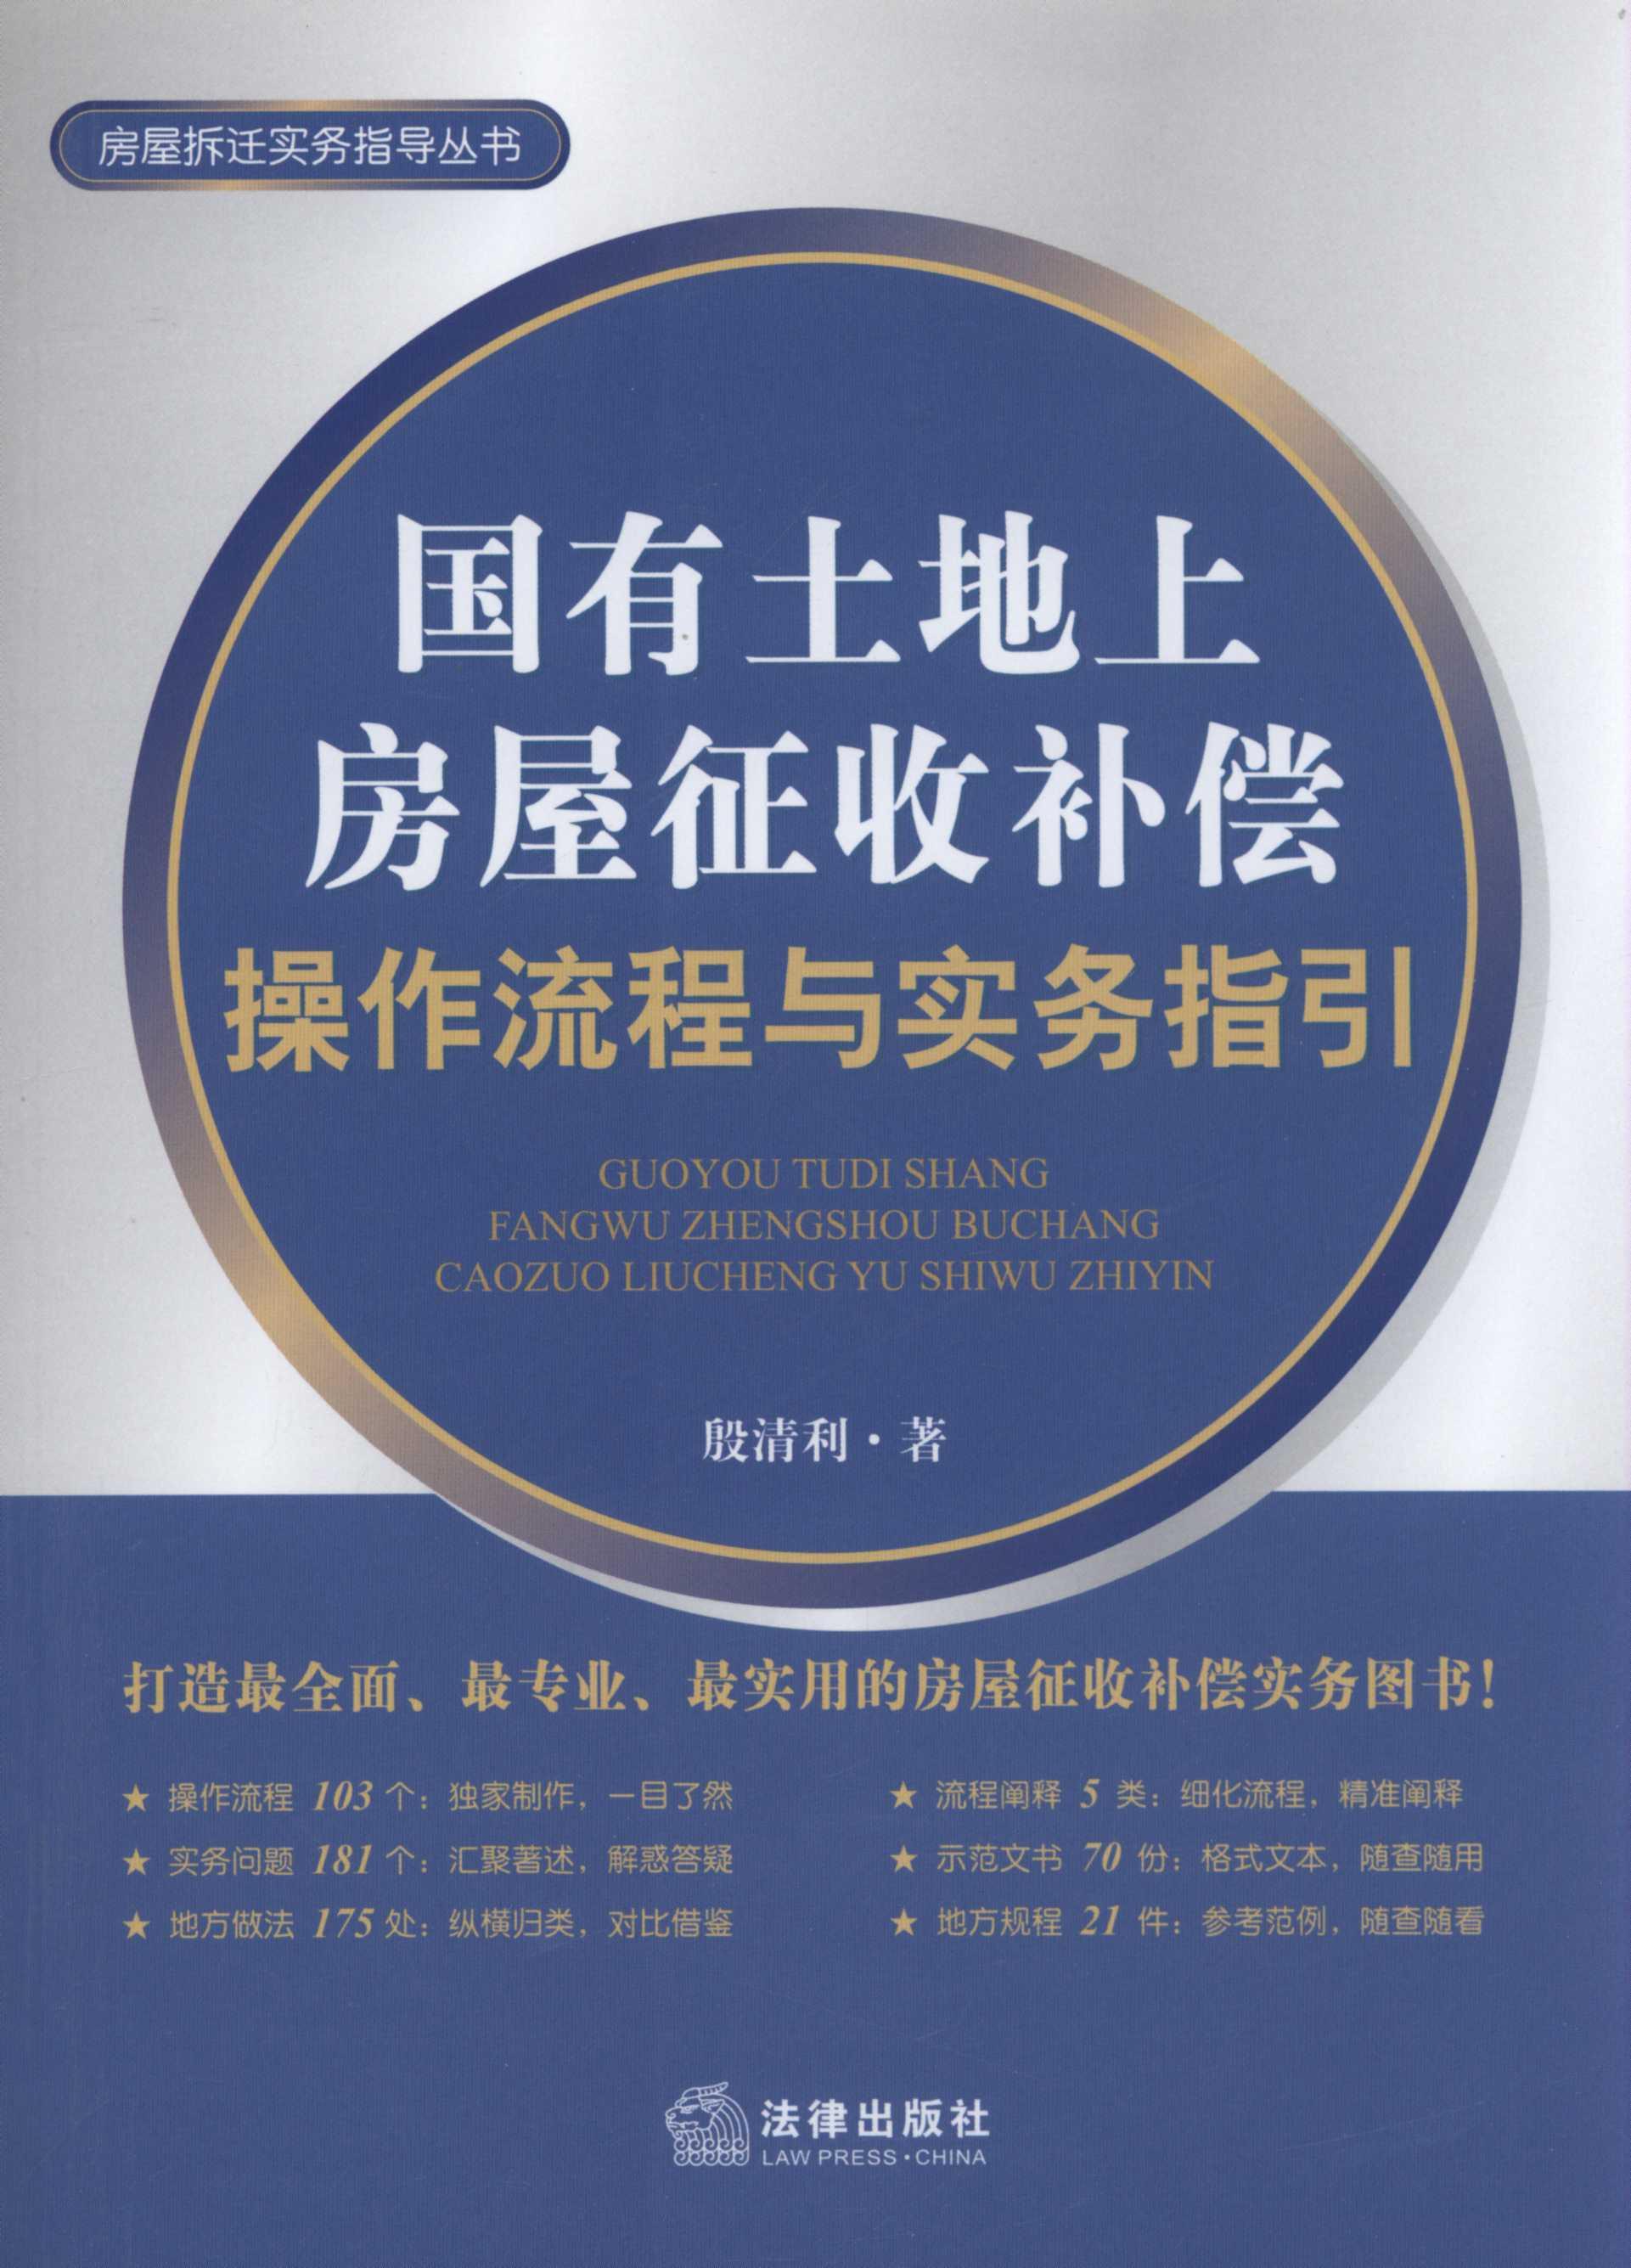 国有土地上房屋征收补偿操作流程与实务指引/房屋